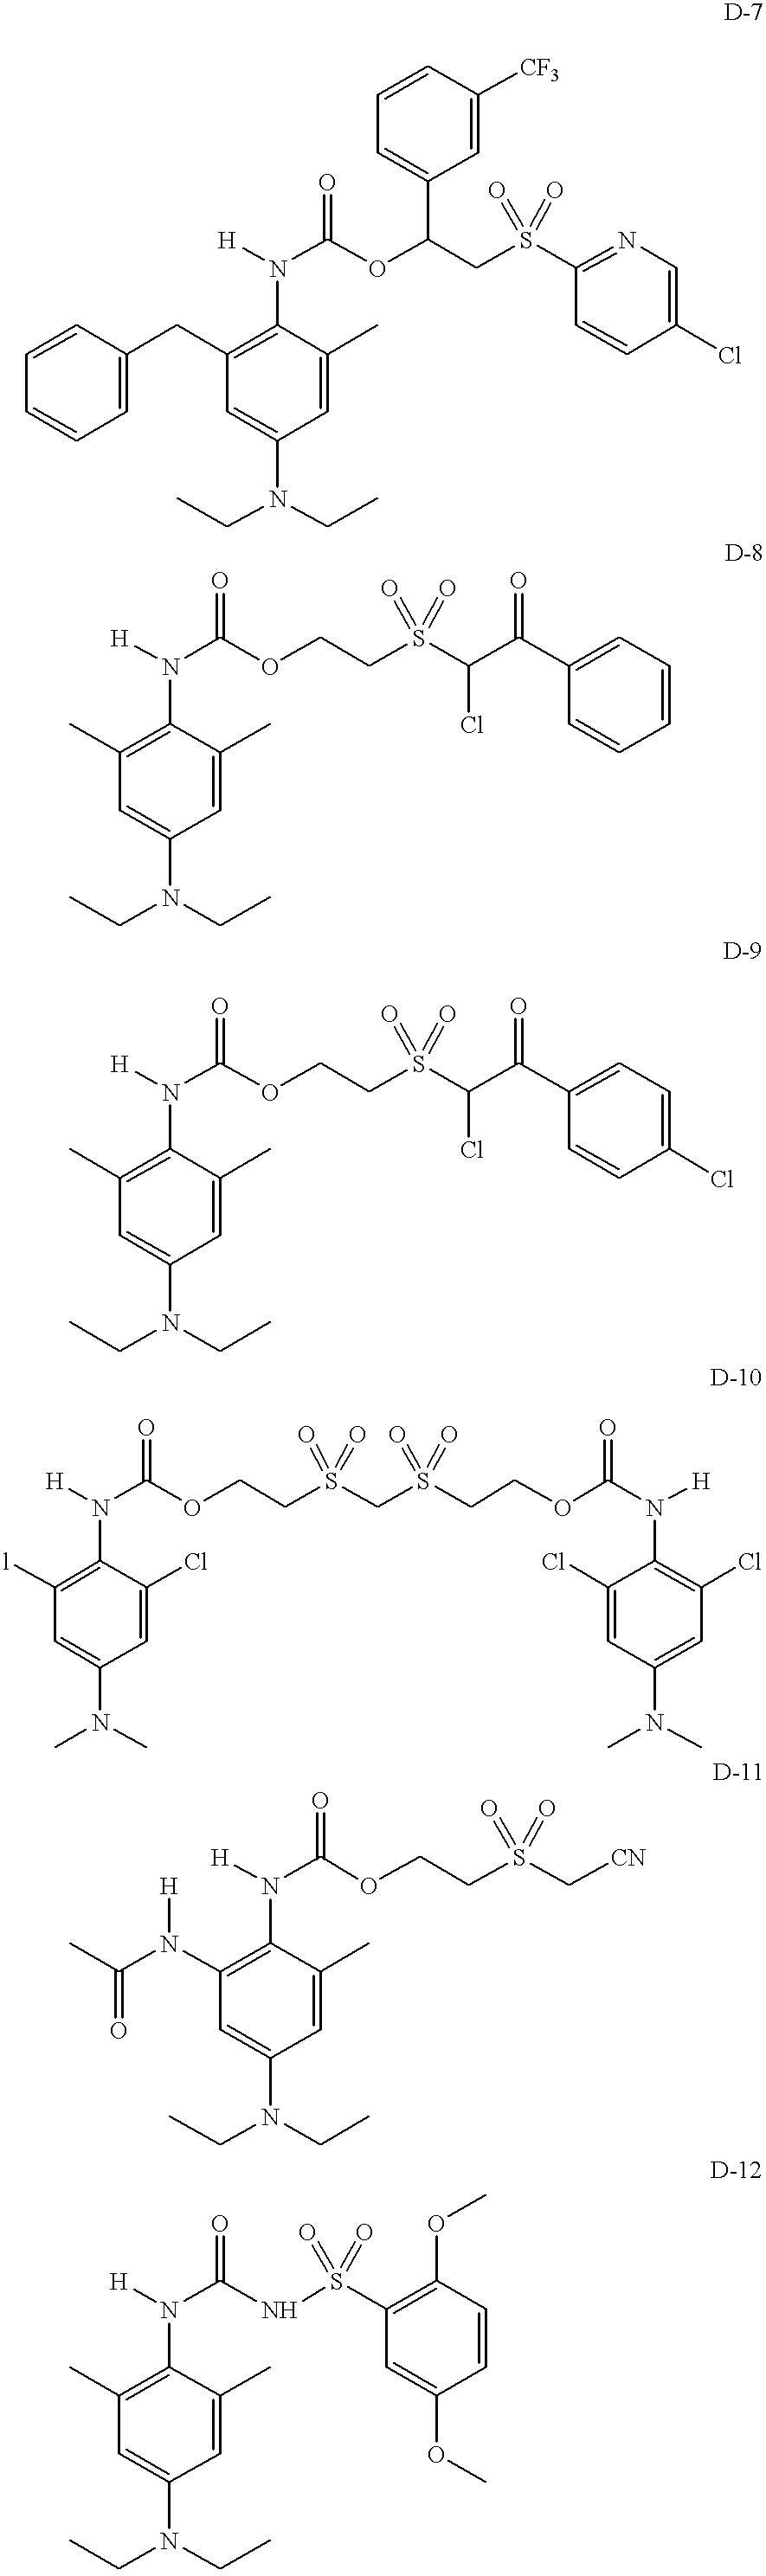 Figure US06570034-20030527-C00021